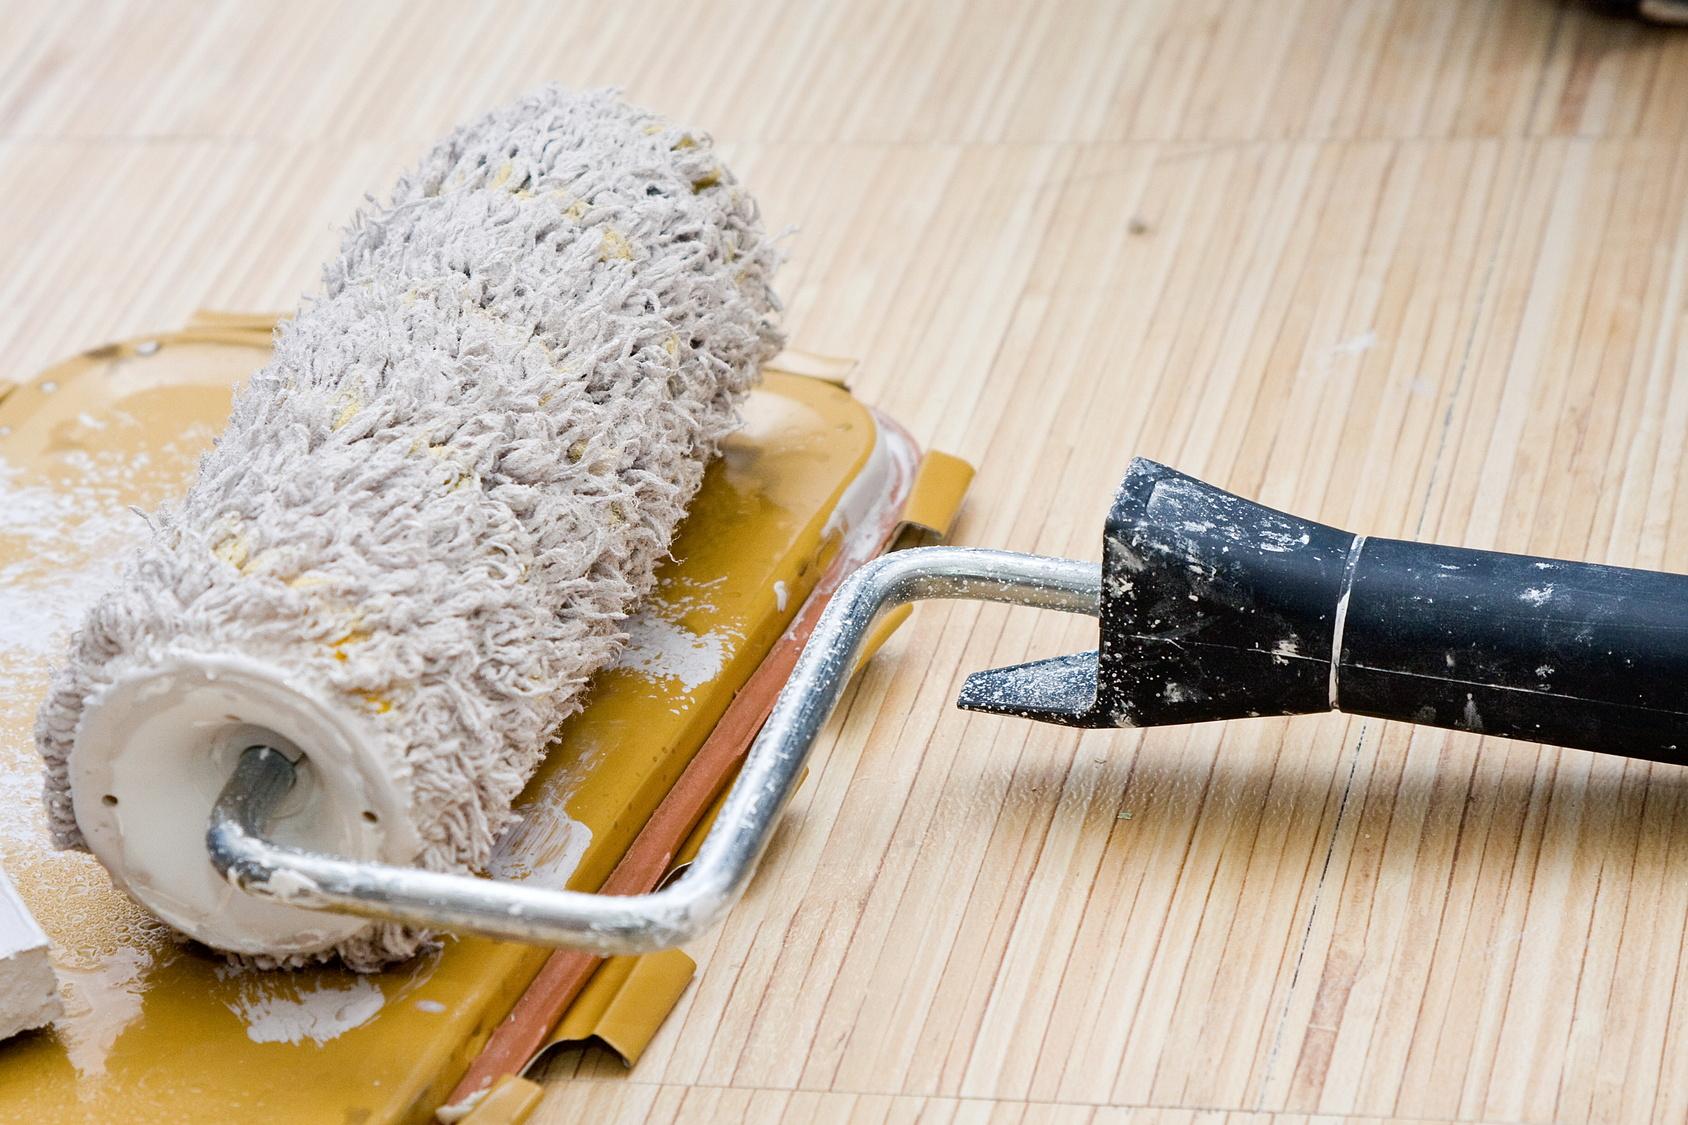 En cas de travaux importants de la part du bailleur, que devient le locataire?